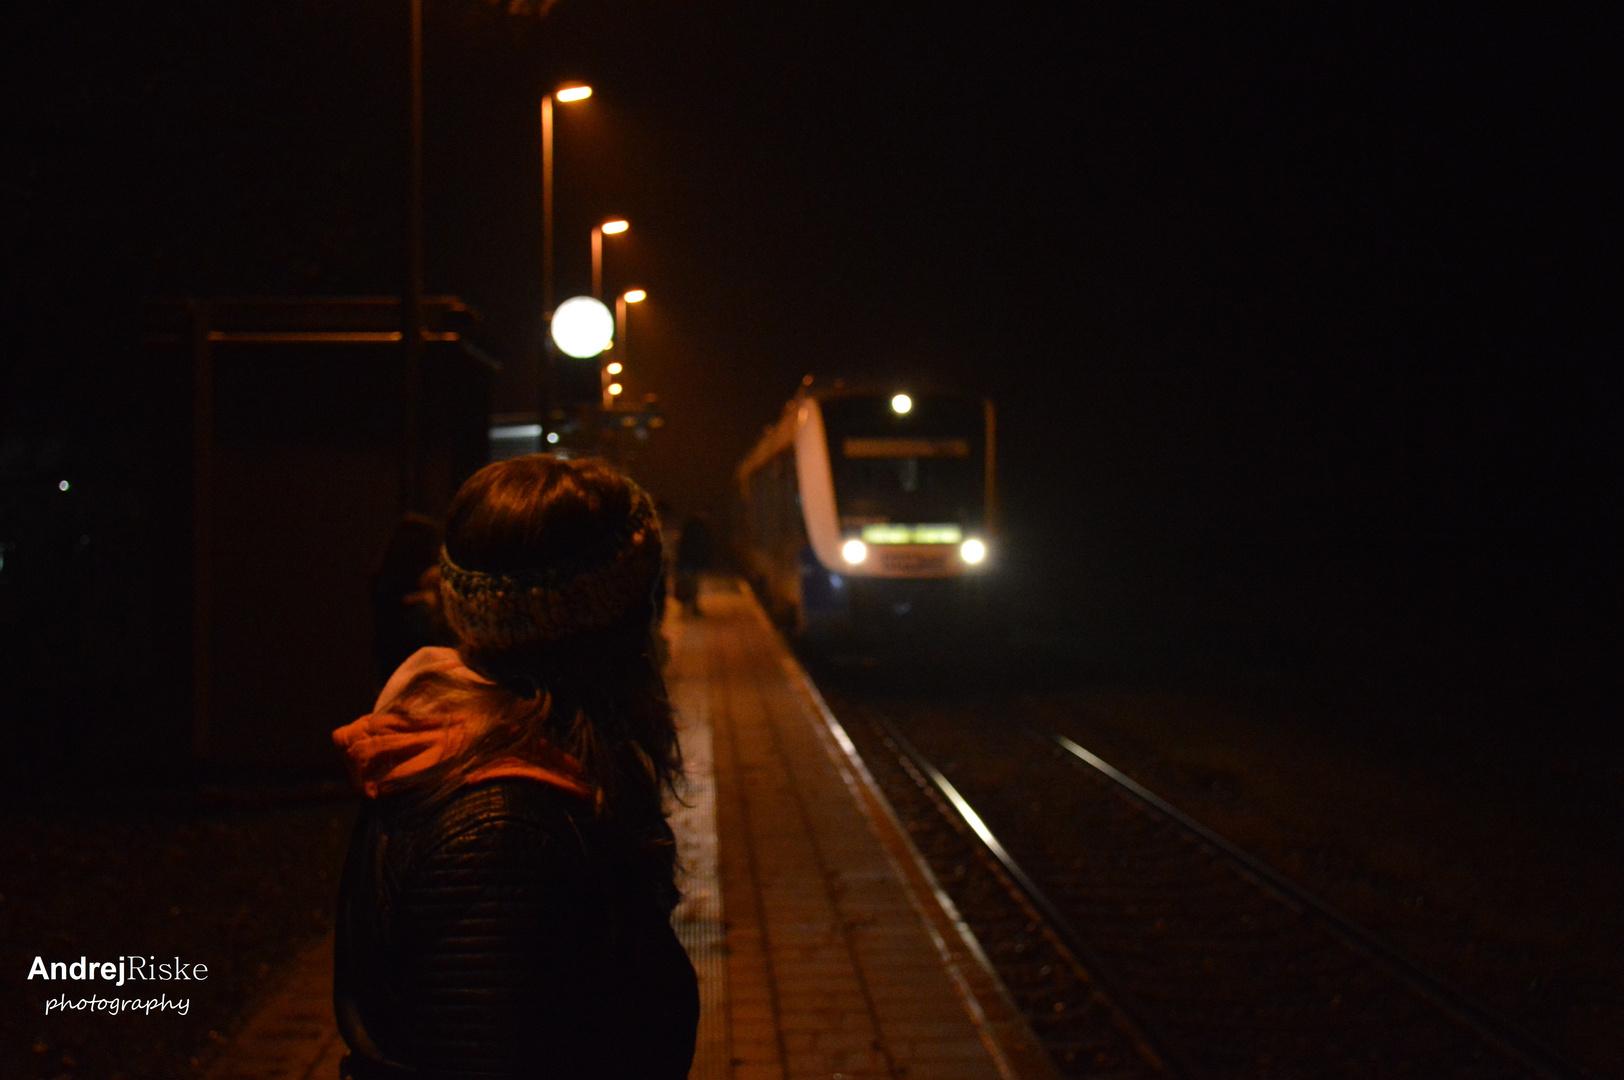 anfahrender Zug